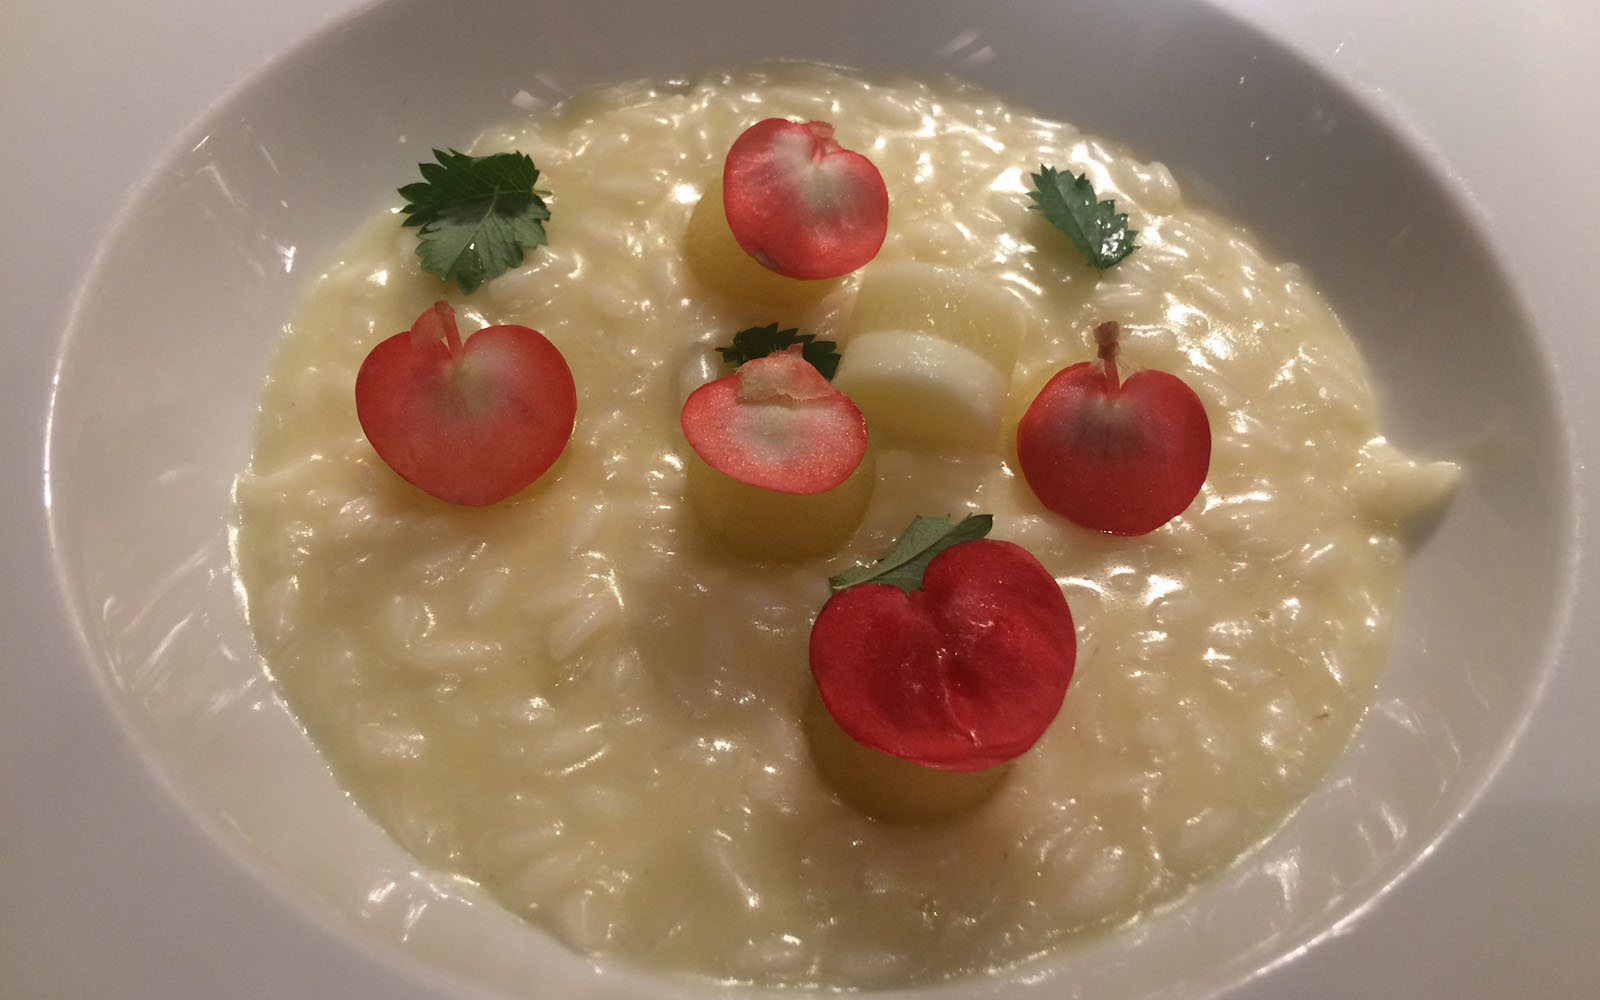 Il riso mantecato con mele, pimpinella e begonia dello chef Alfio Ghezzi